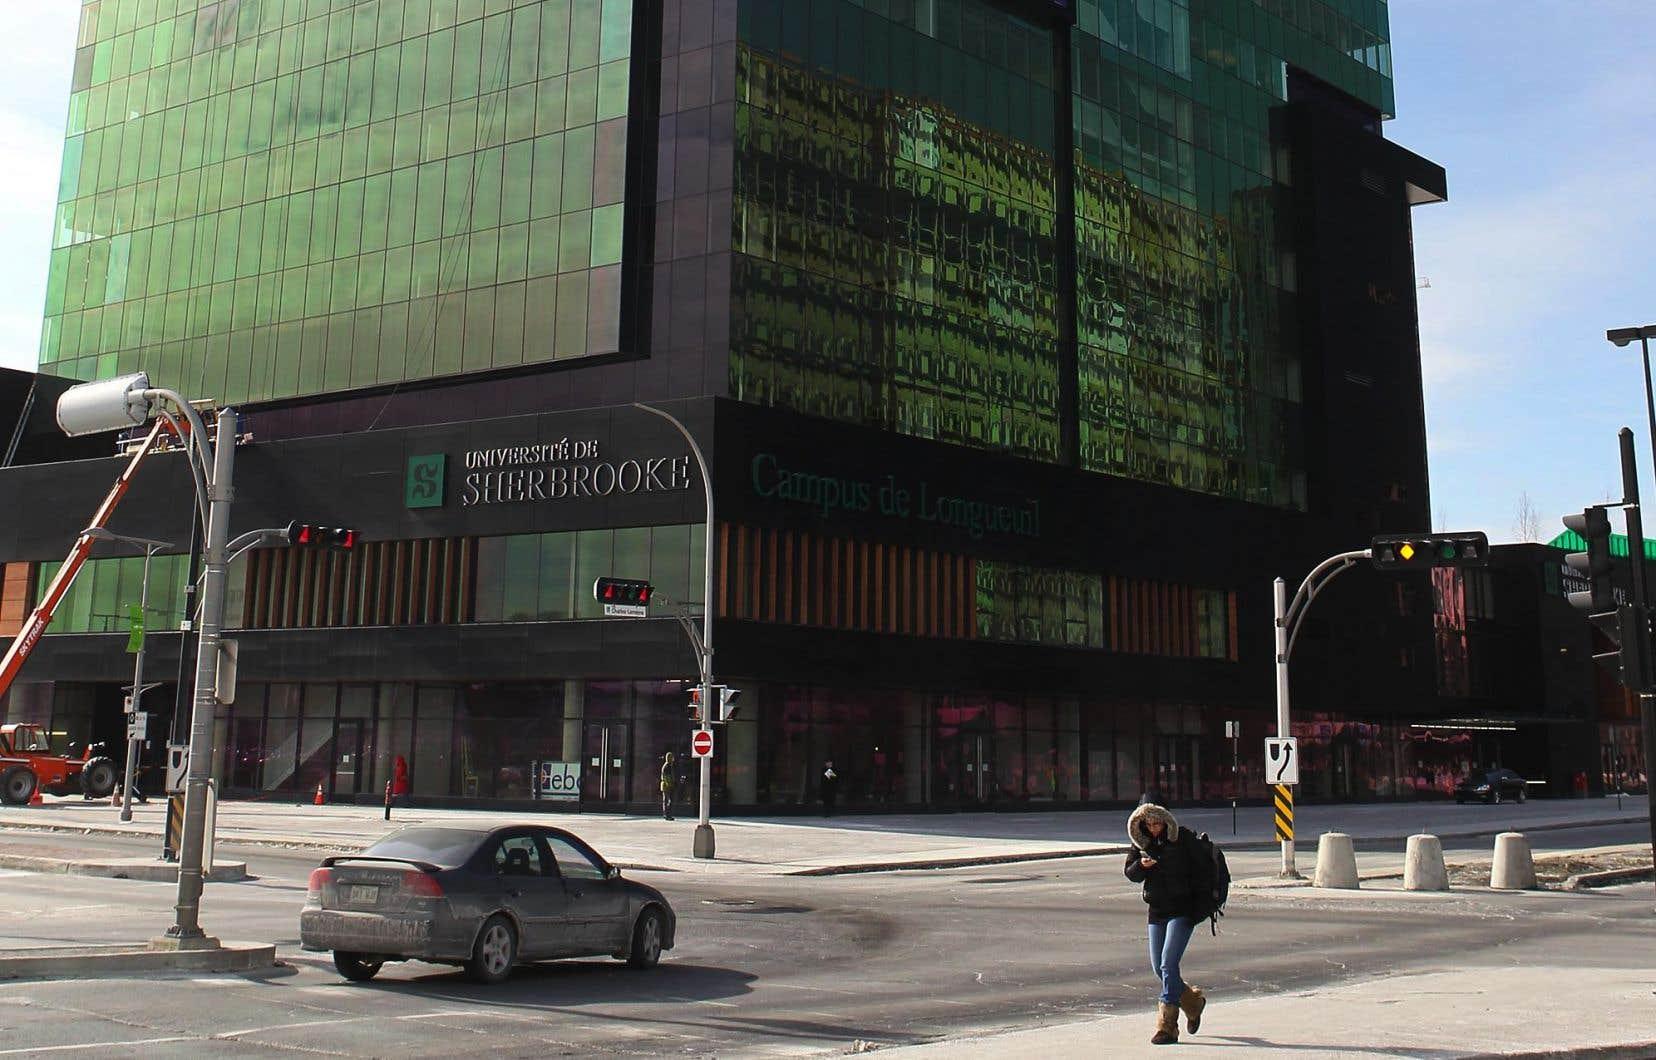 Le campus de Longueuil de l'Université Sherbrooke. « Les étudiants vont passer une partie de leur vie ici, c'est primordial que le cadre leur plaise et qu'ils puissent s'y épanouir », estime Nicolas Grandmangin.